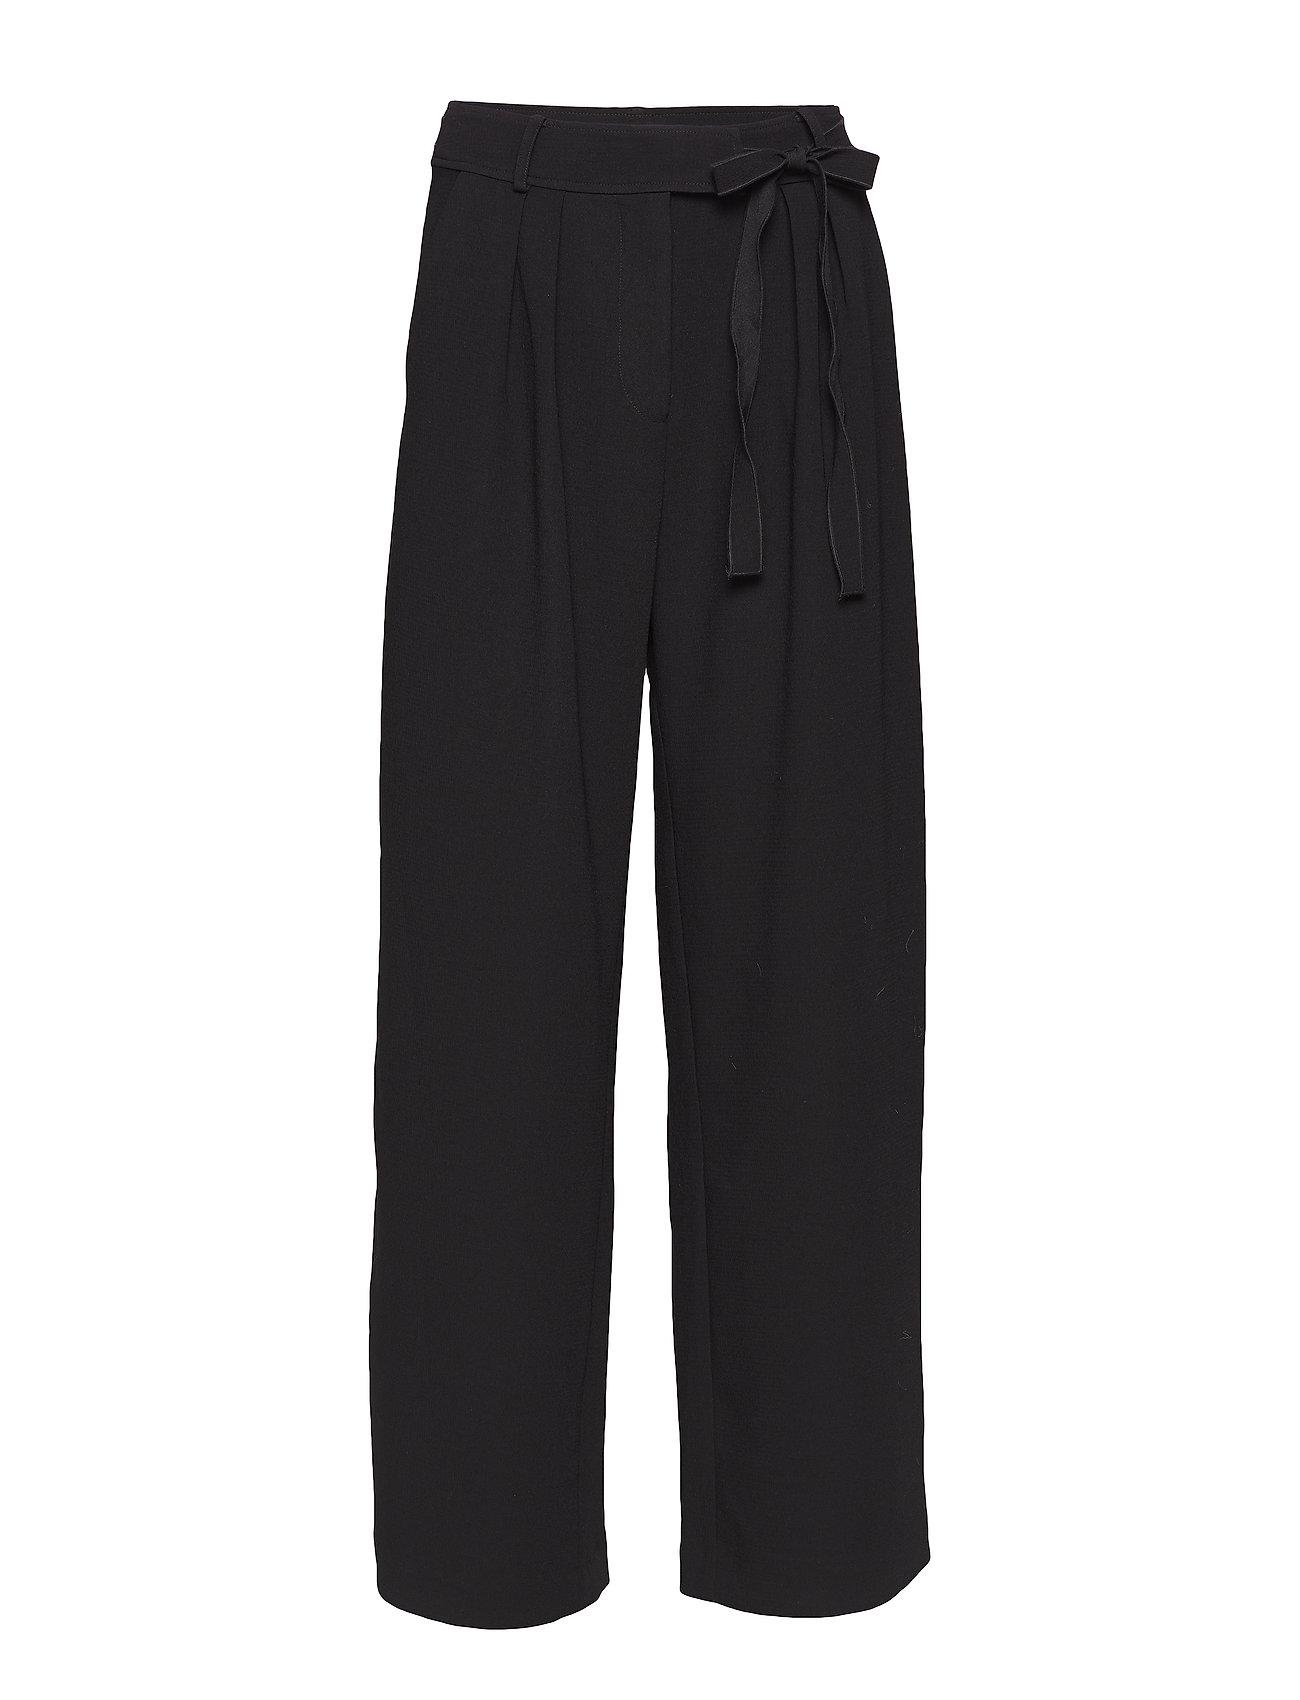 Samsøe & Samsøe Magritt pants 10456 - BLACK